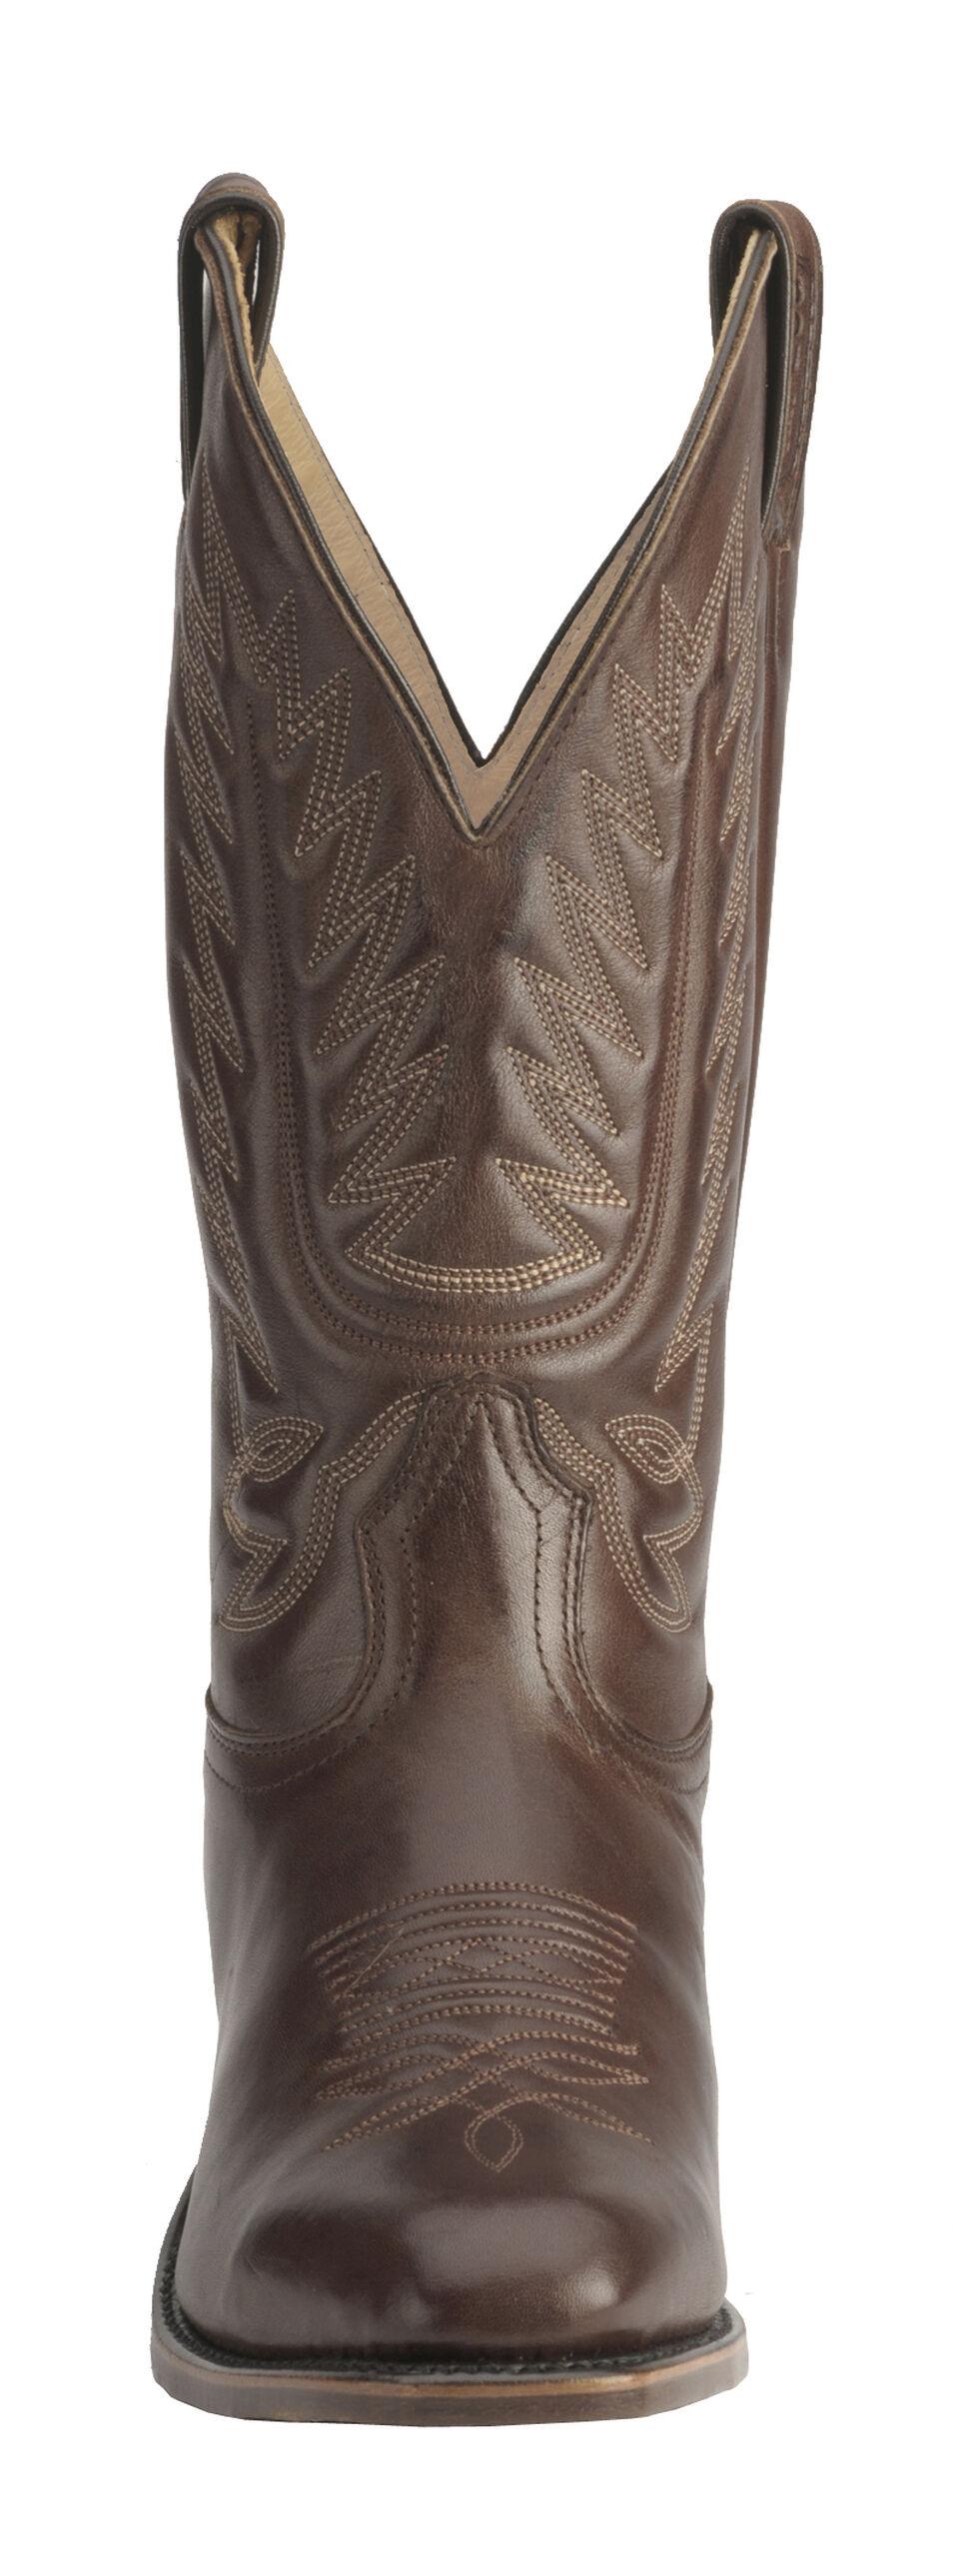 Boulet Men's Dress Cowboy Boots - Square Toe, Tan, hi-res